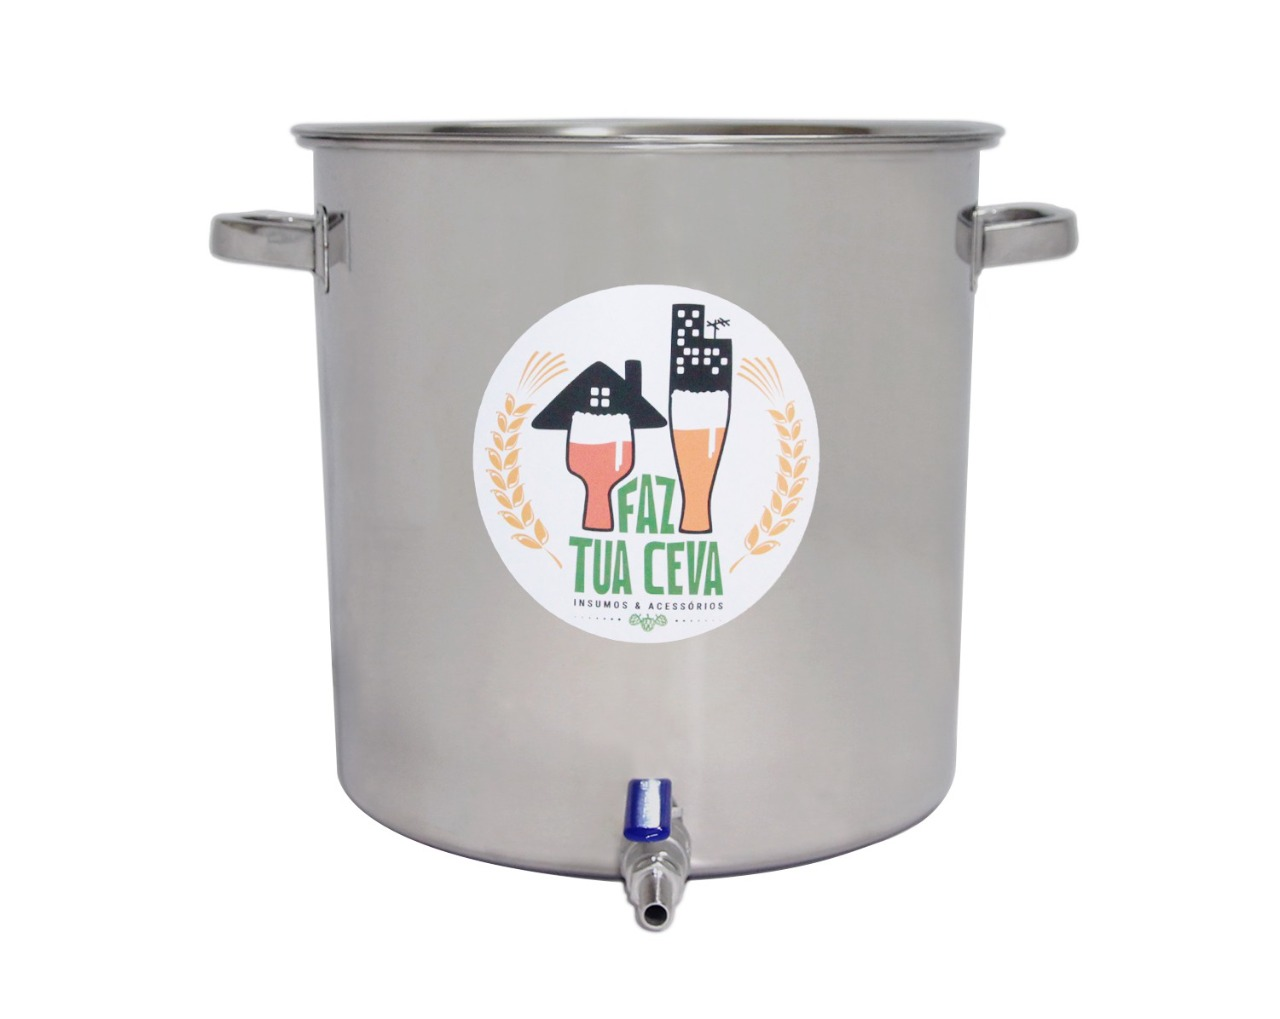 Caldeirão/Panela Cervejeira INOX 201 com Registro 32L - nº 35